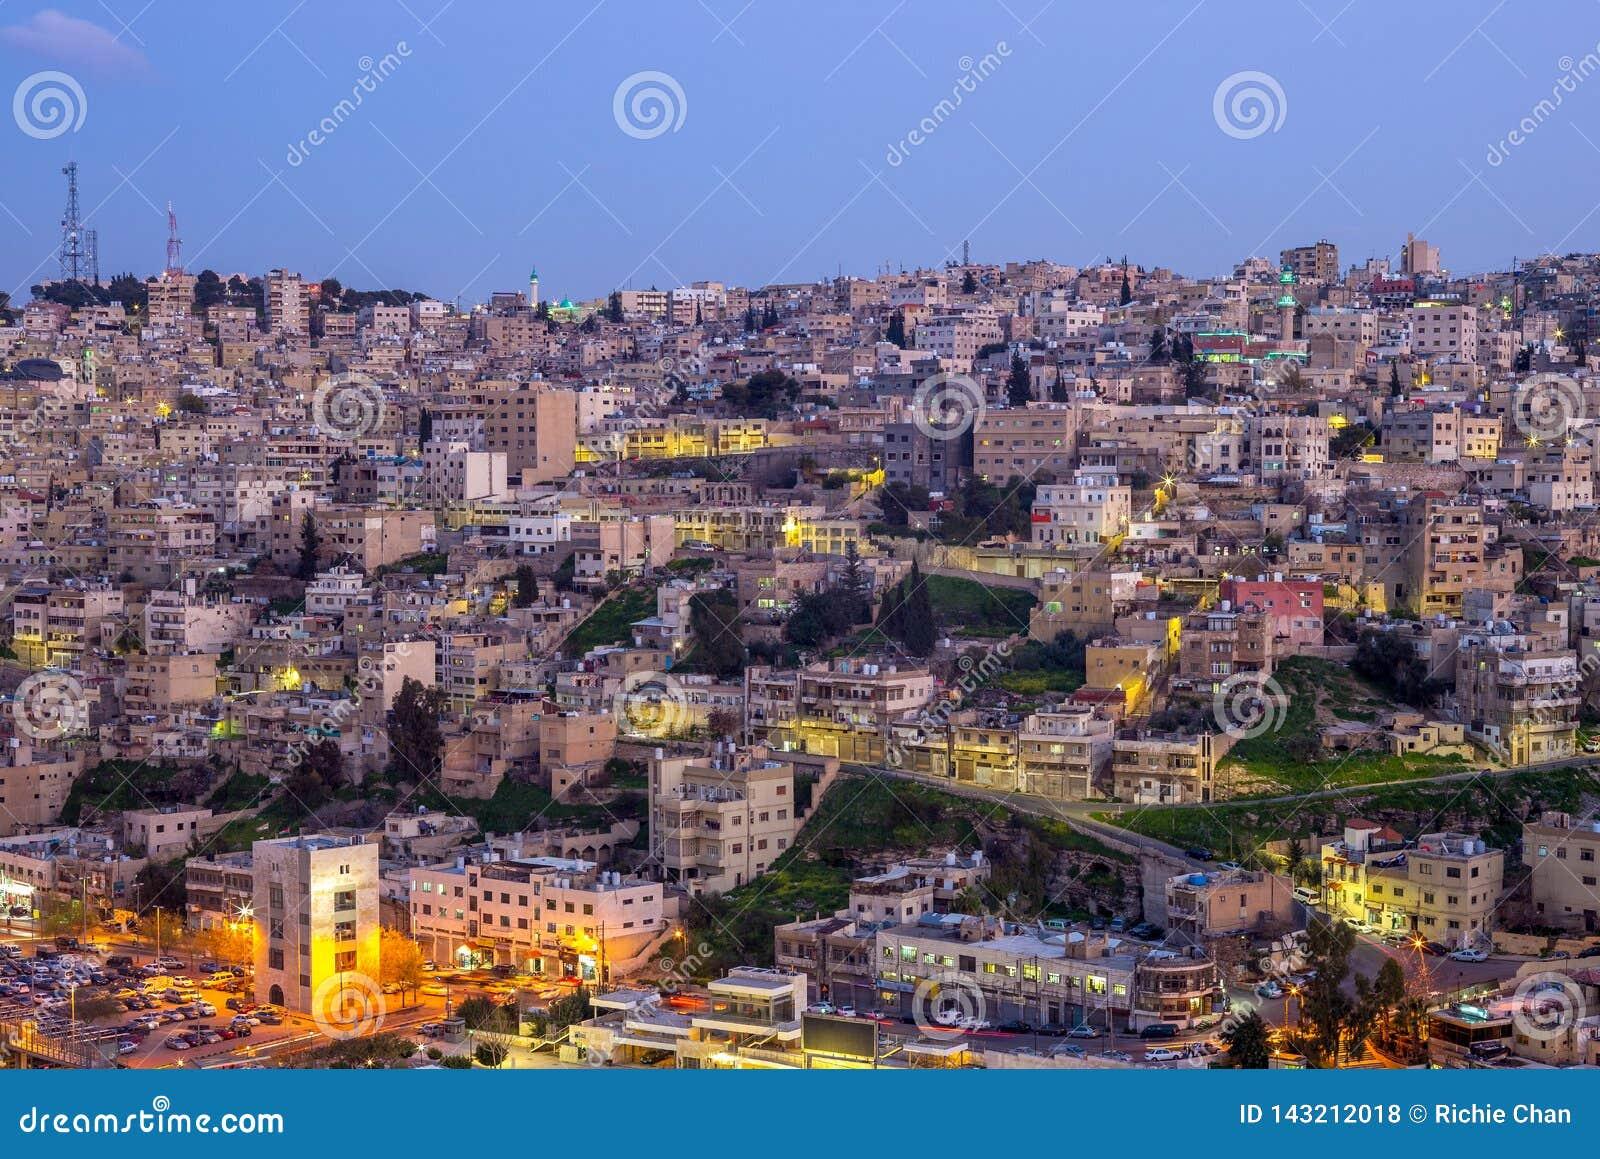 capital of jordan country